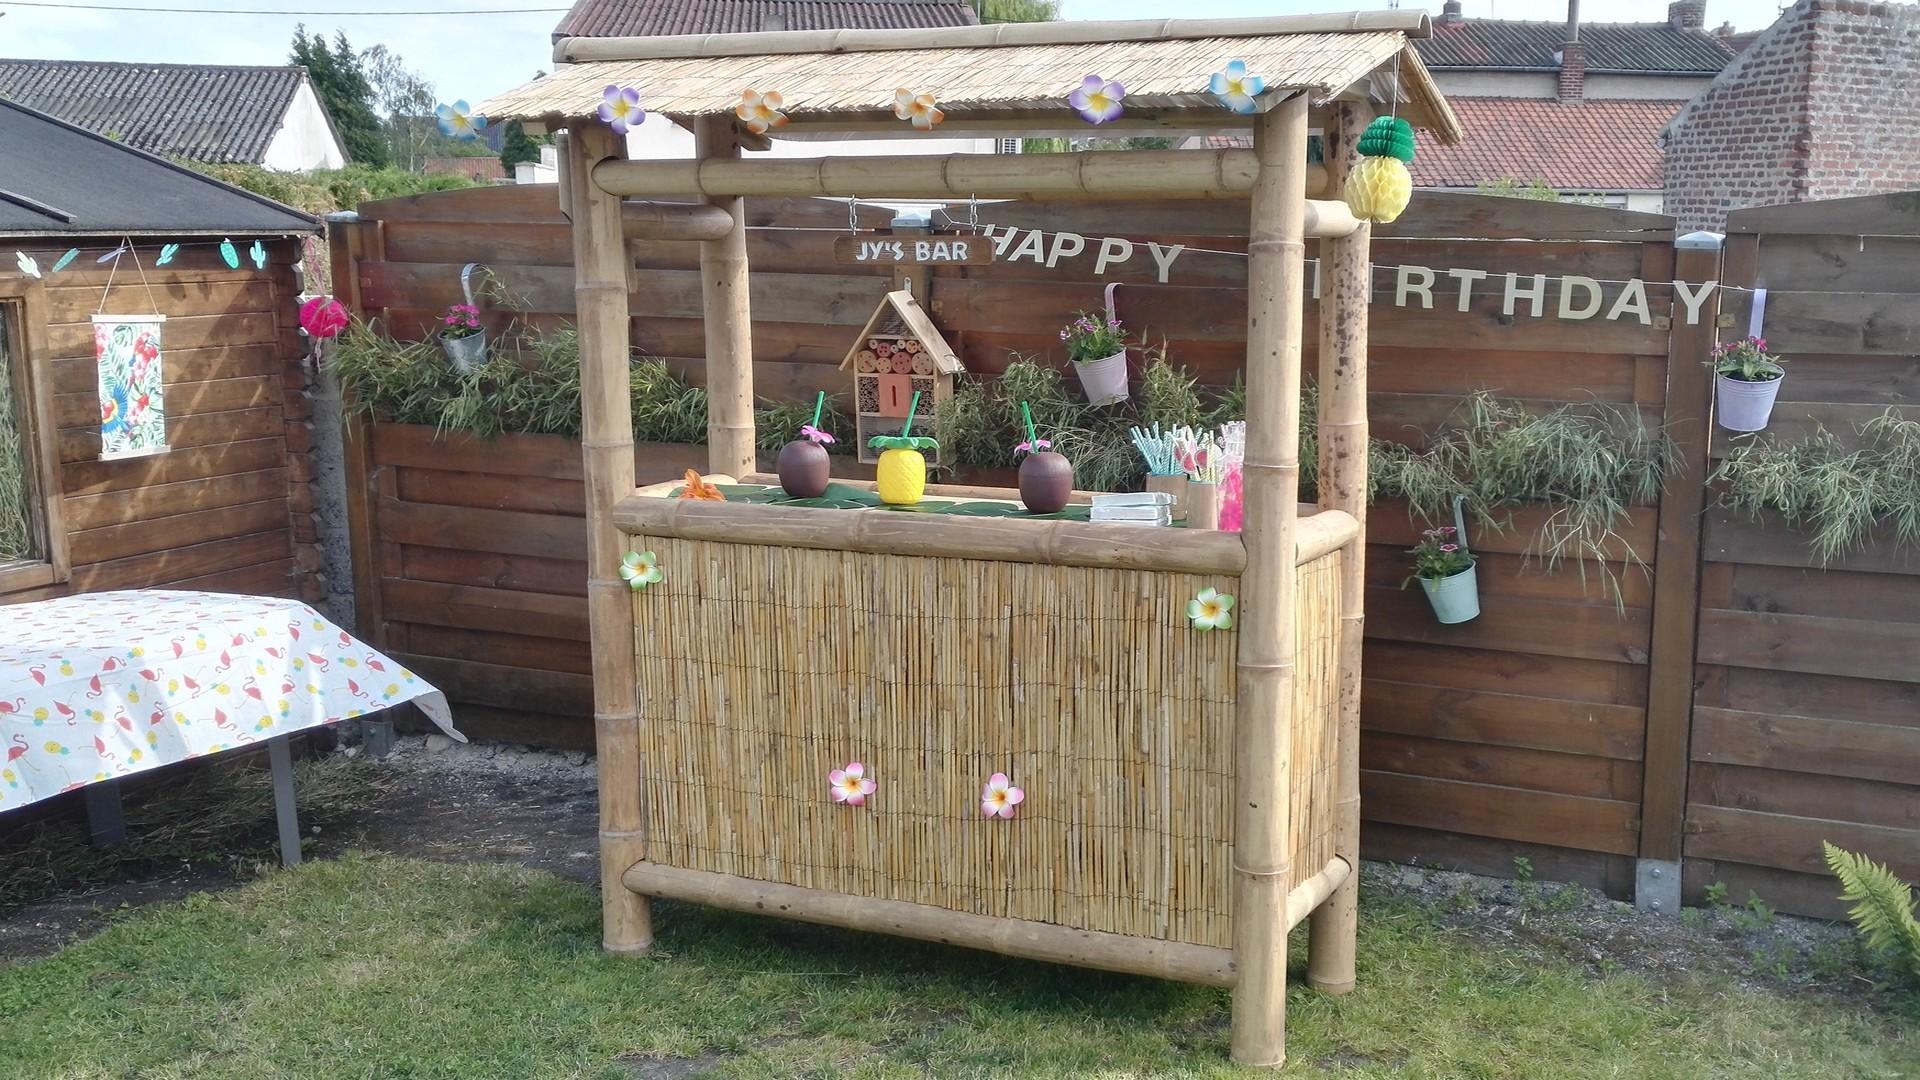 Fabriquer Un Bar En Bois fabriquer un tiki bar d'extérieur en bambou - magicmanu